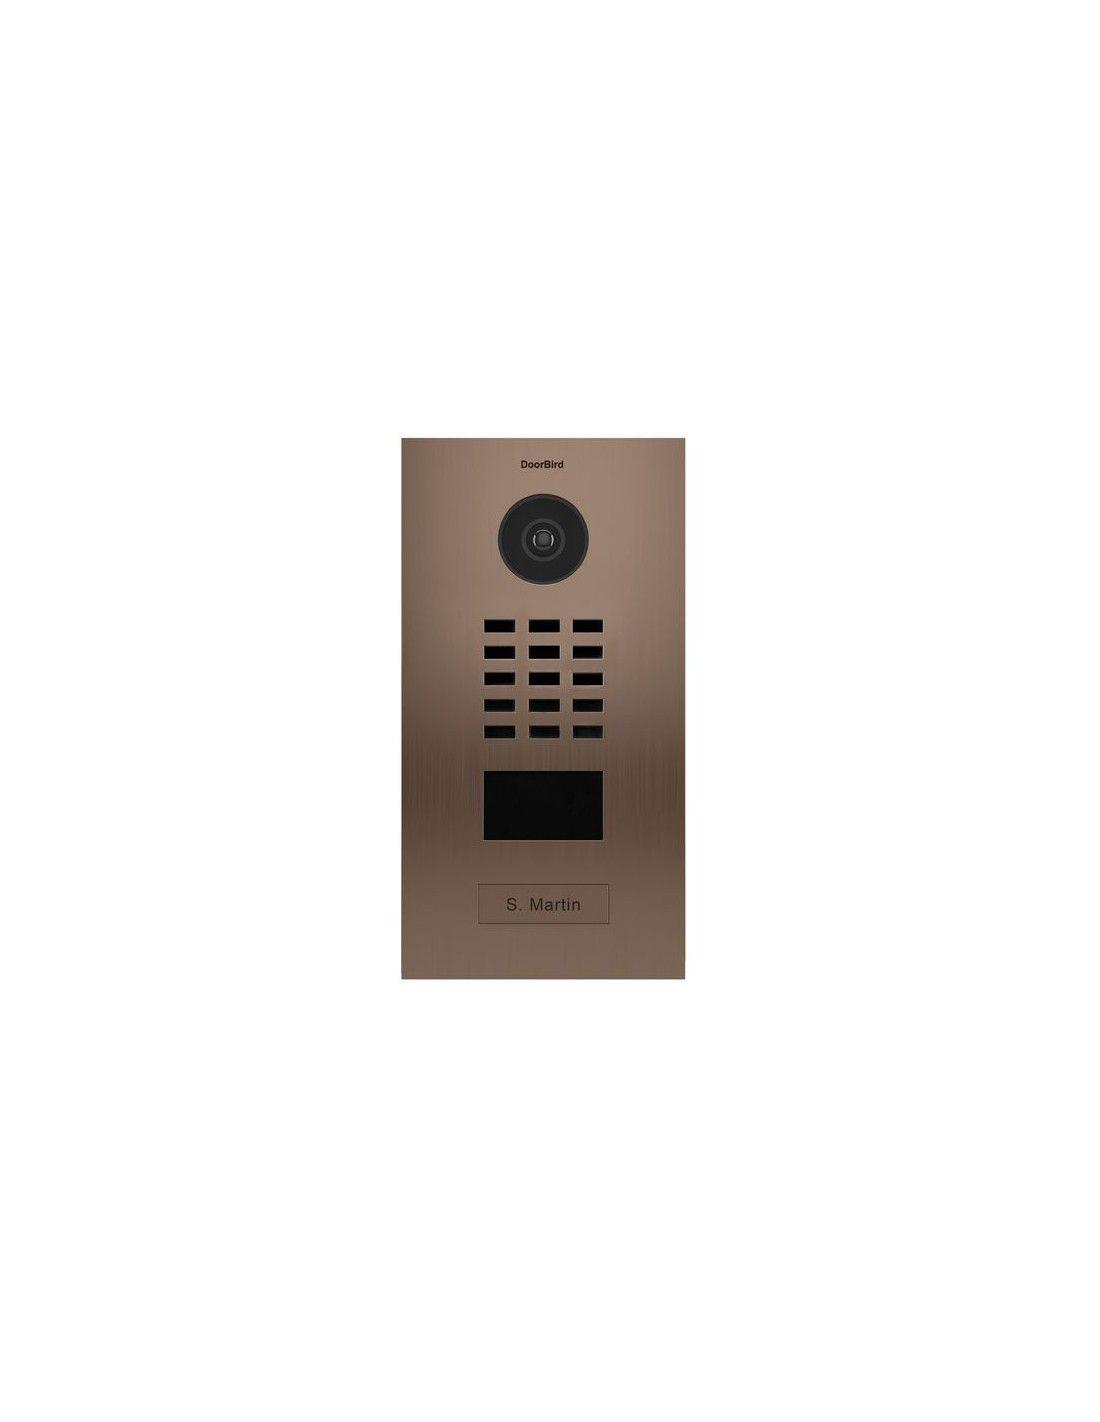 Doorbird portier vid o connect d2101bv 1 sonnette avec lecteur de badge rfid finition bronze - Portier video connecte ...